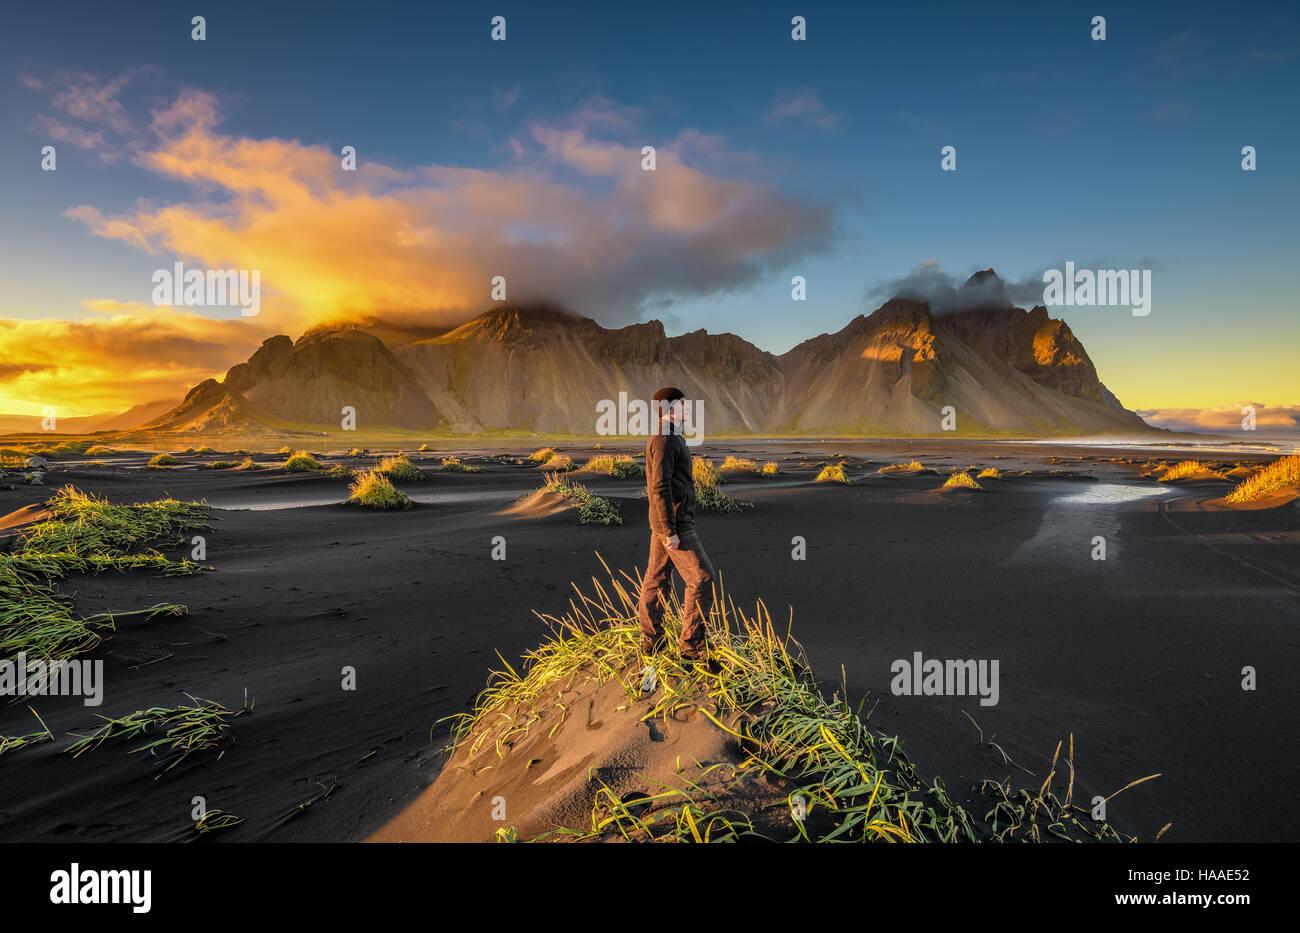 Trilheiros saborear sunset em Vestrahorn (Batman Mountain) e a sua praia de areia negra na Islândia Foto de Stock